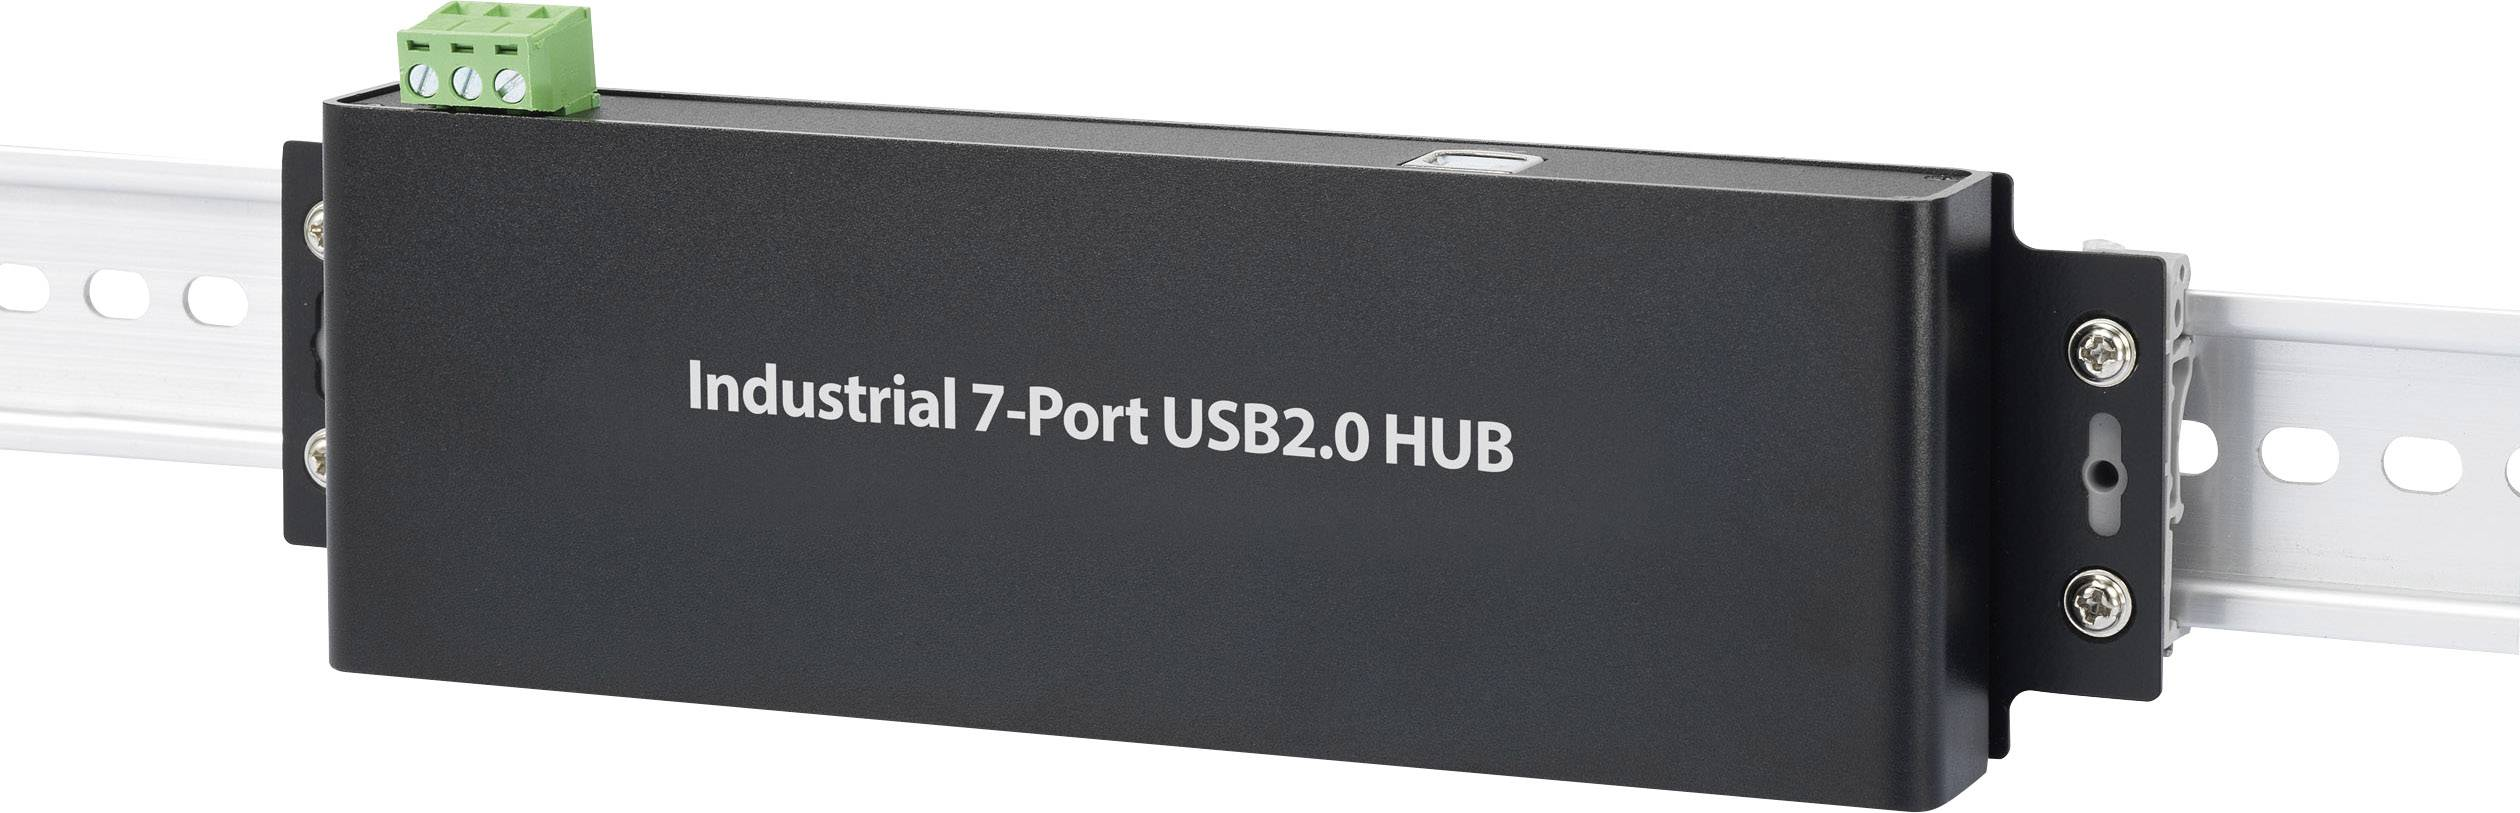 Hub USB 2.0 7 Porte Per montaggio a parete, Contenitore in metallo, Per applicazioni industriali, Con LED di stato Renk